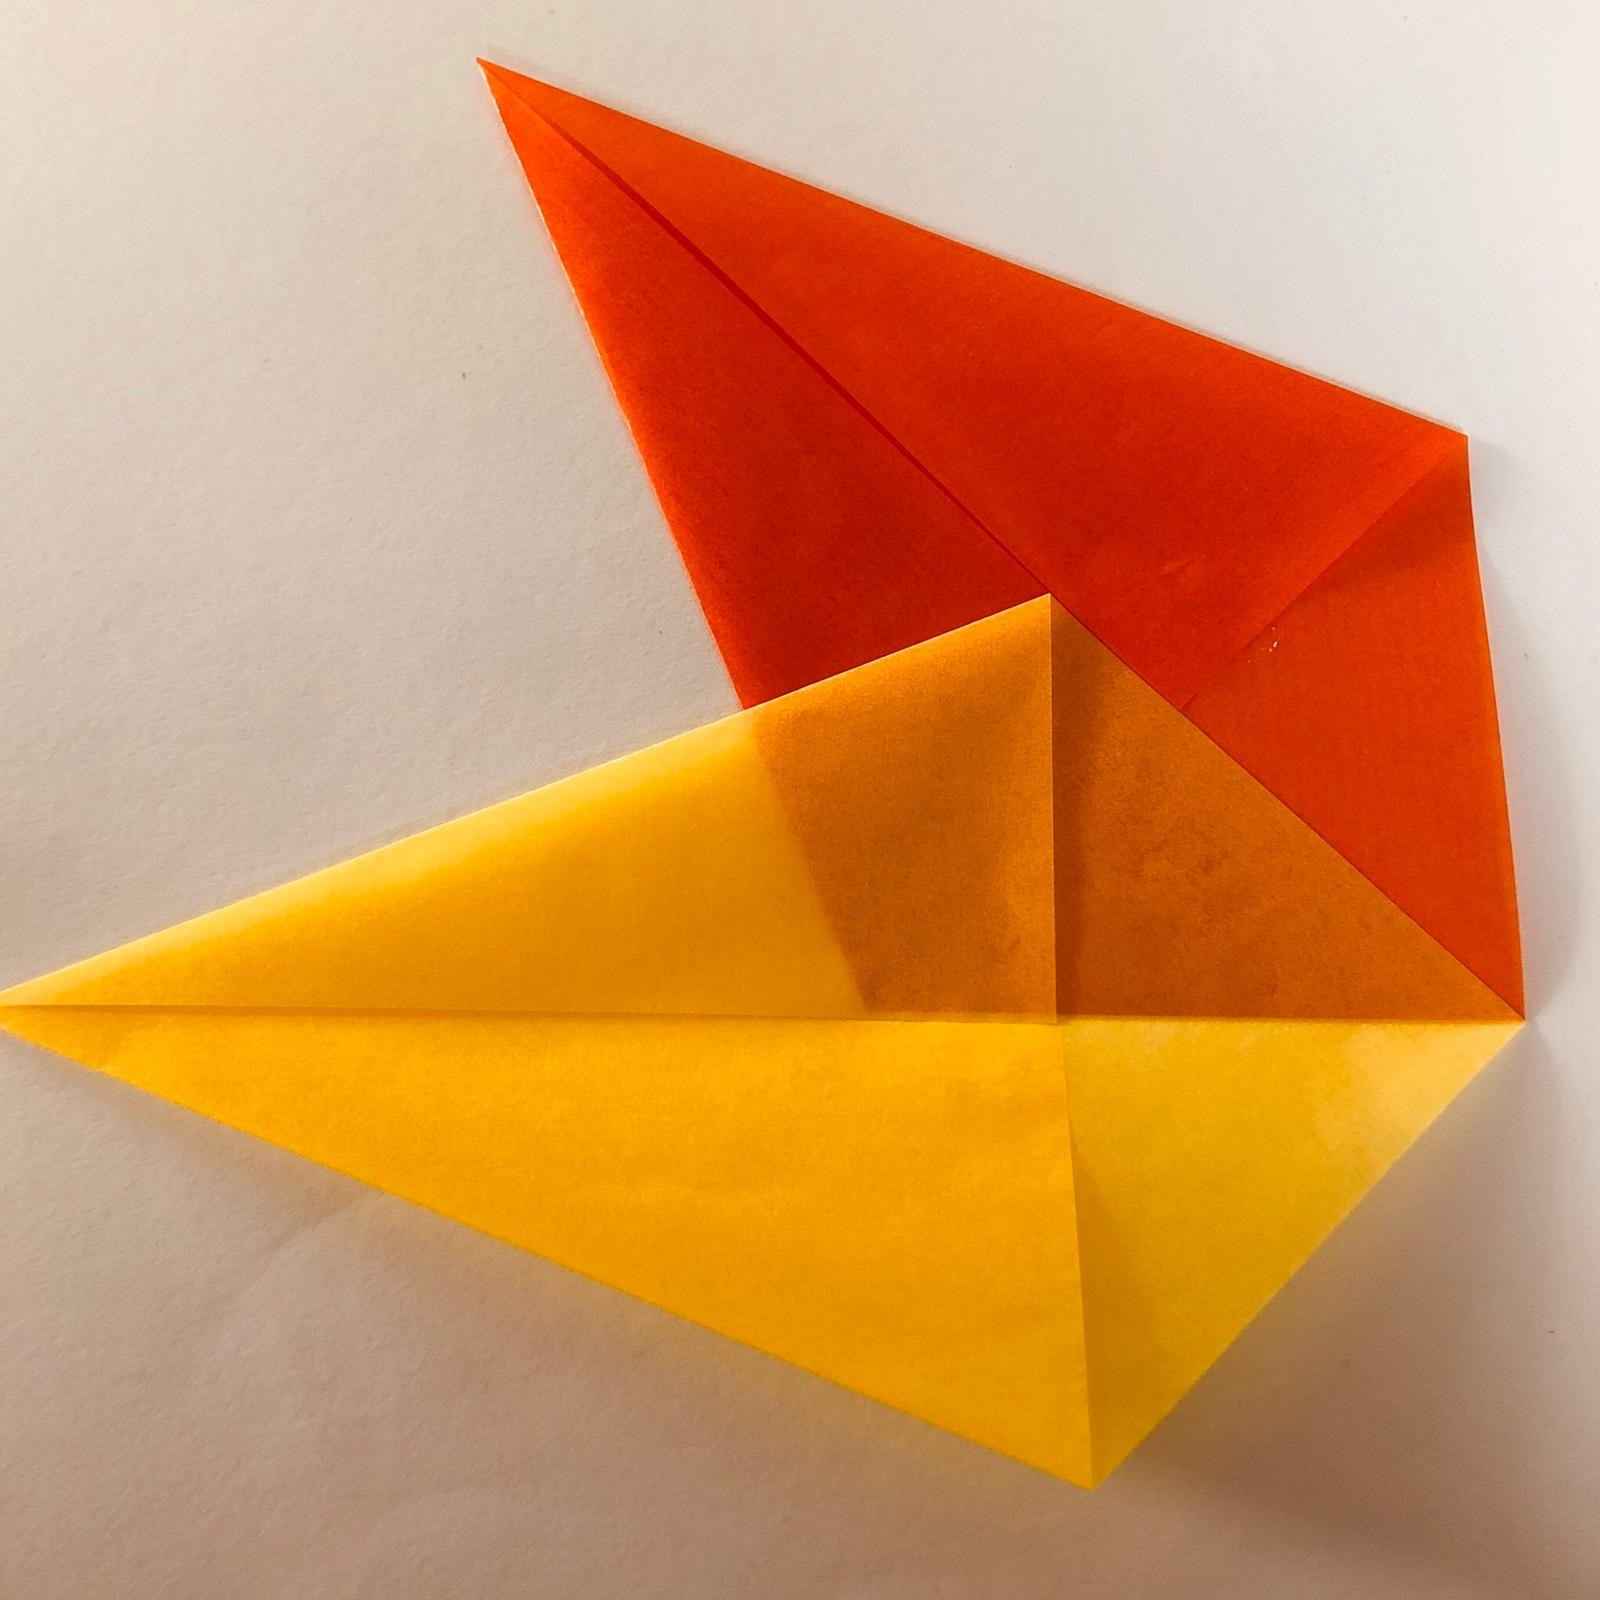 Ster van vliegerpapier - stap 3 - Hout en Plezier